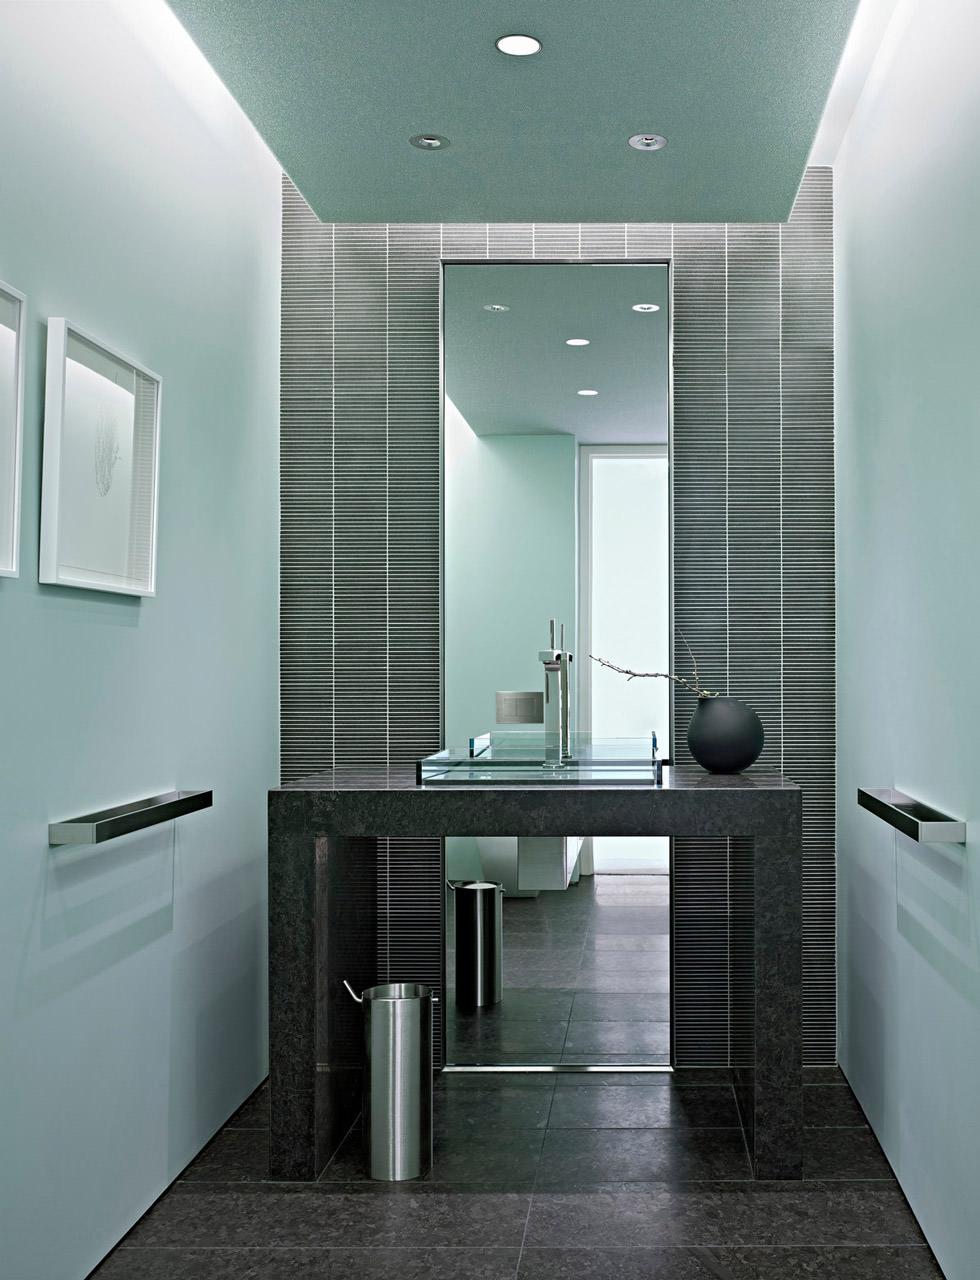 Ecco alcune idee creative per pareti decorative. Imbiancare Casa Colori Di Tendenza Per Ogni Stanza Idee Colore Pareti Per Tinteggiare Casa Start Preventivi